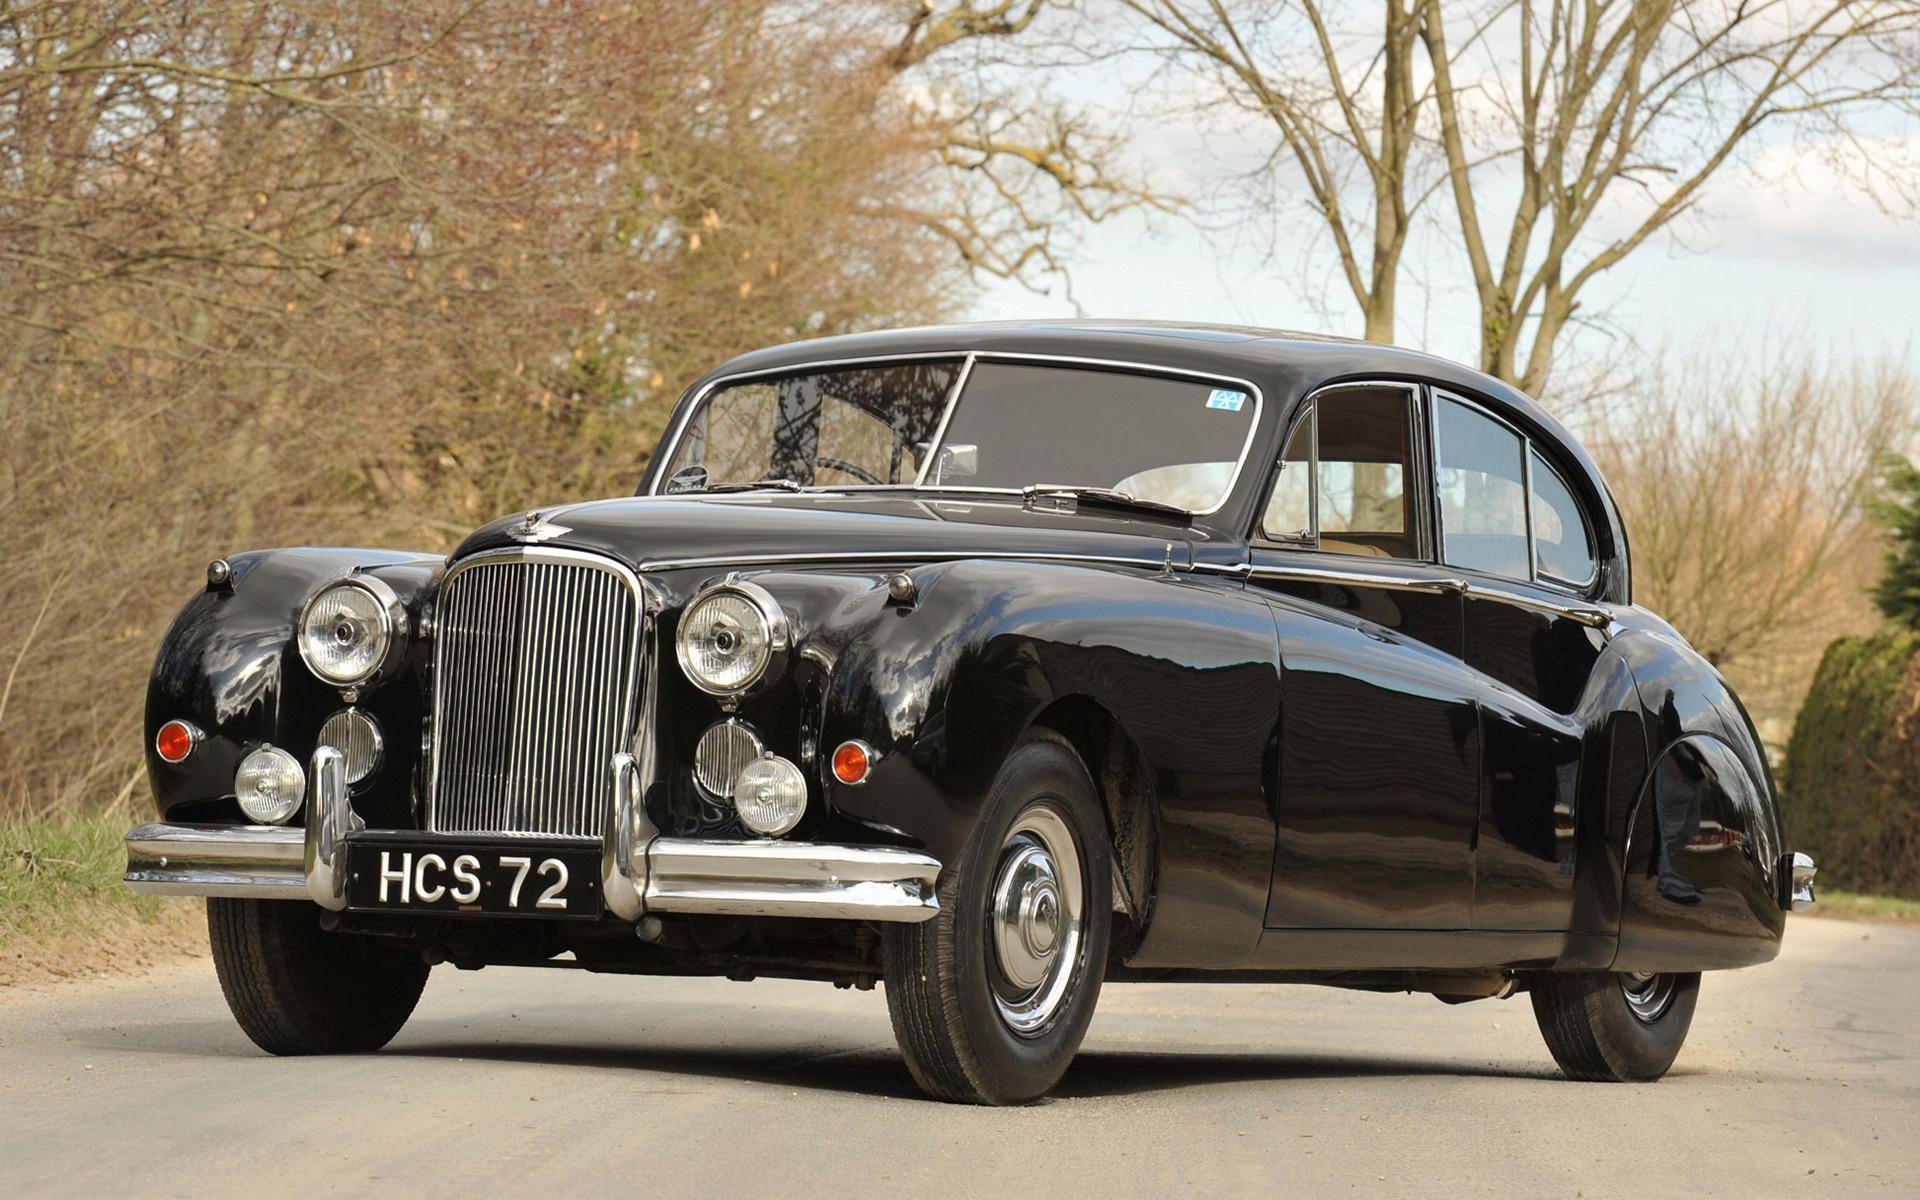 1954 Jaguar Mark VII M (UK) - Wallpapers and HD Images | Car Pixel